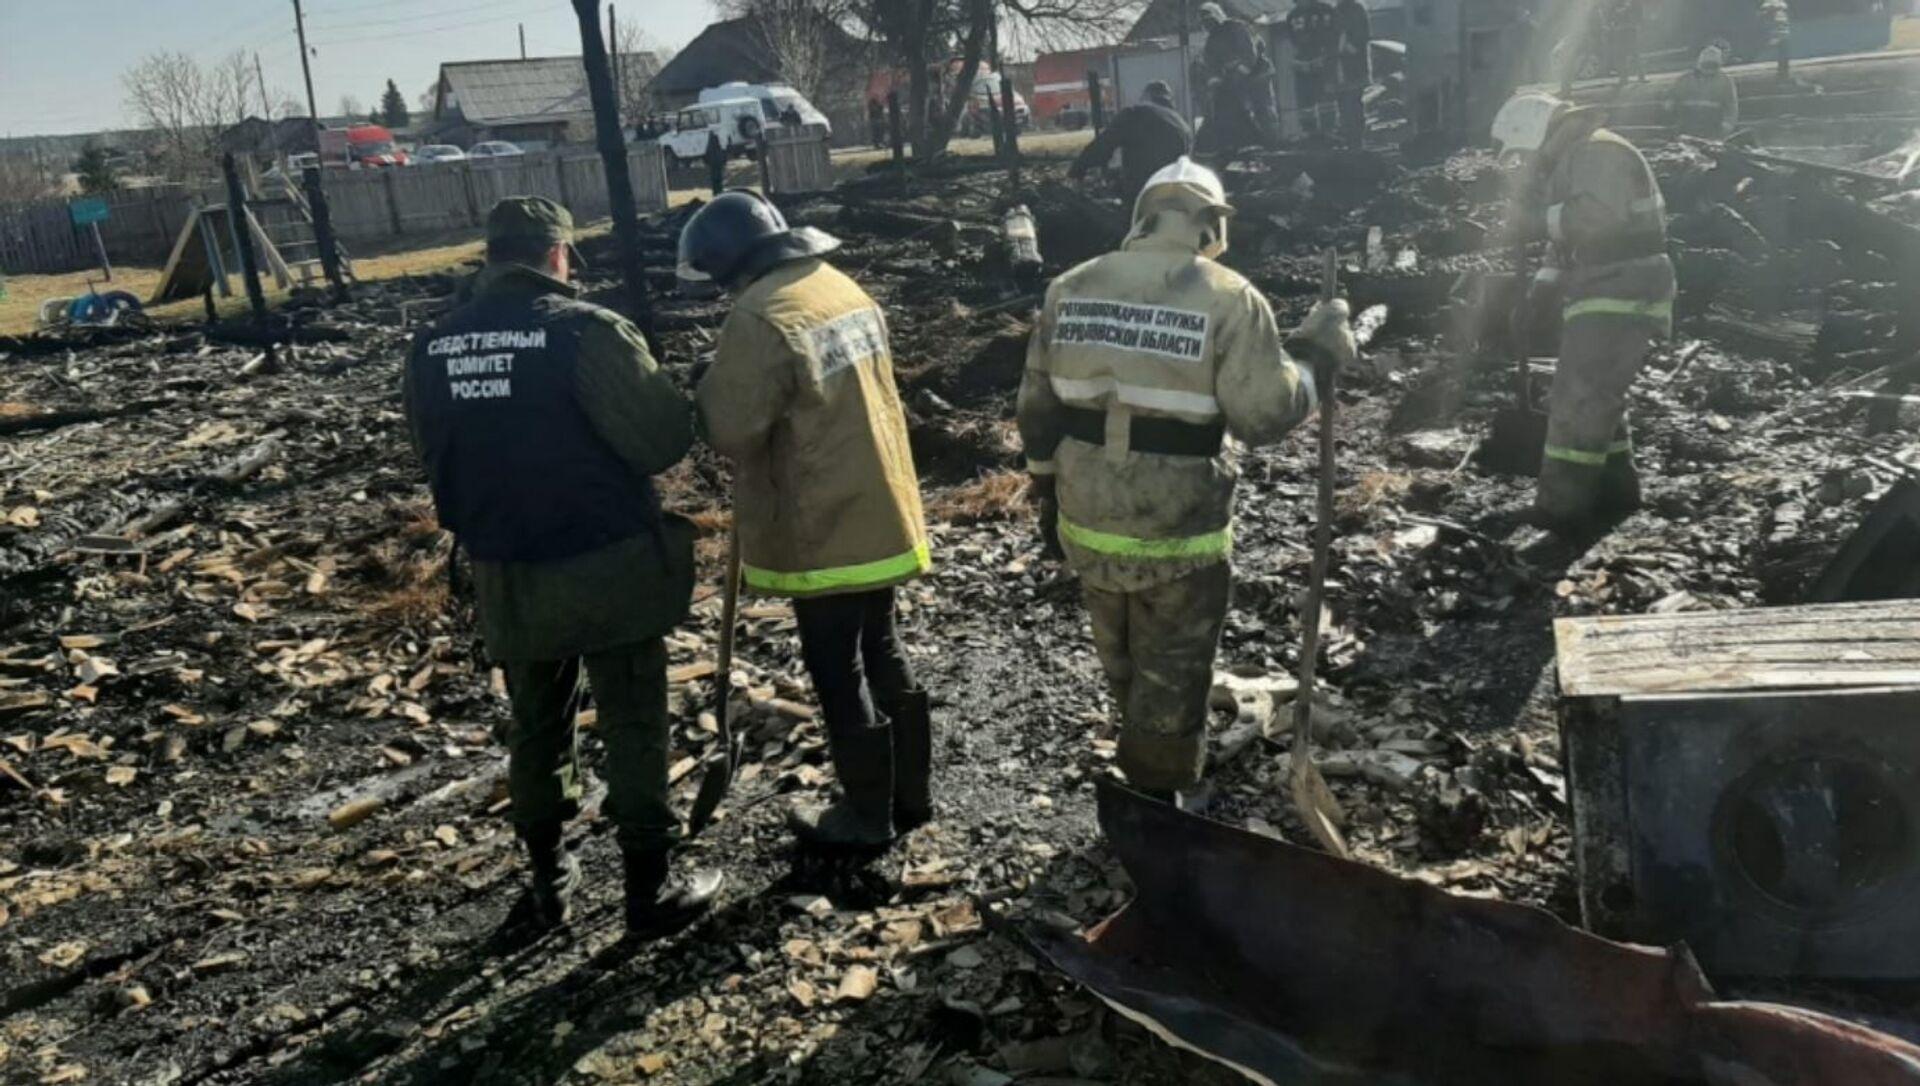 Спасатели и следователи на месте пожара в российской деревне, где погибли дети - Sputnik Беларусь, 1920, 15.04.2021